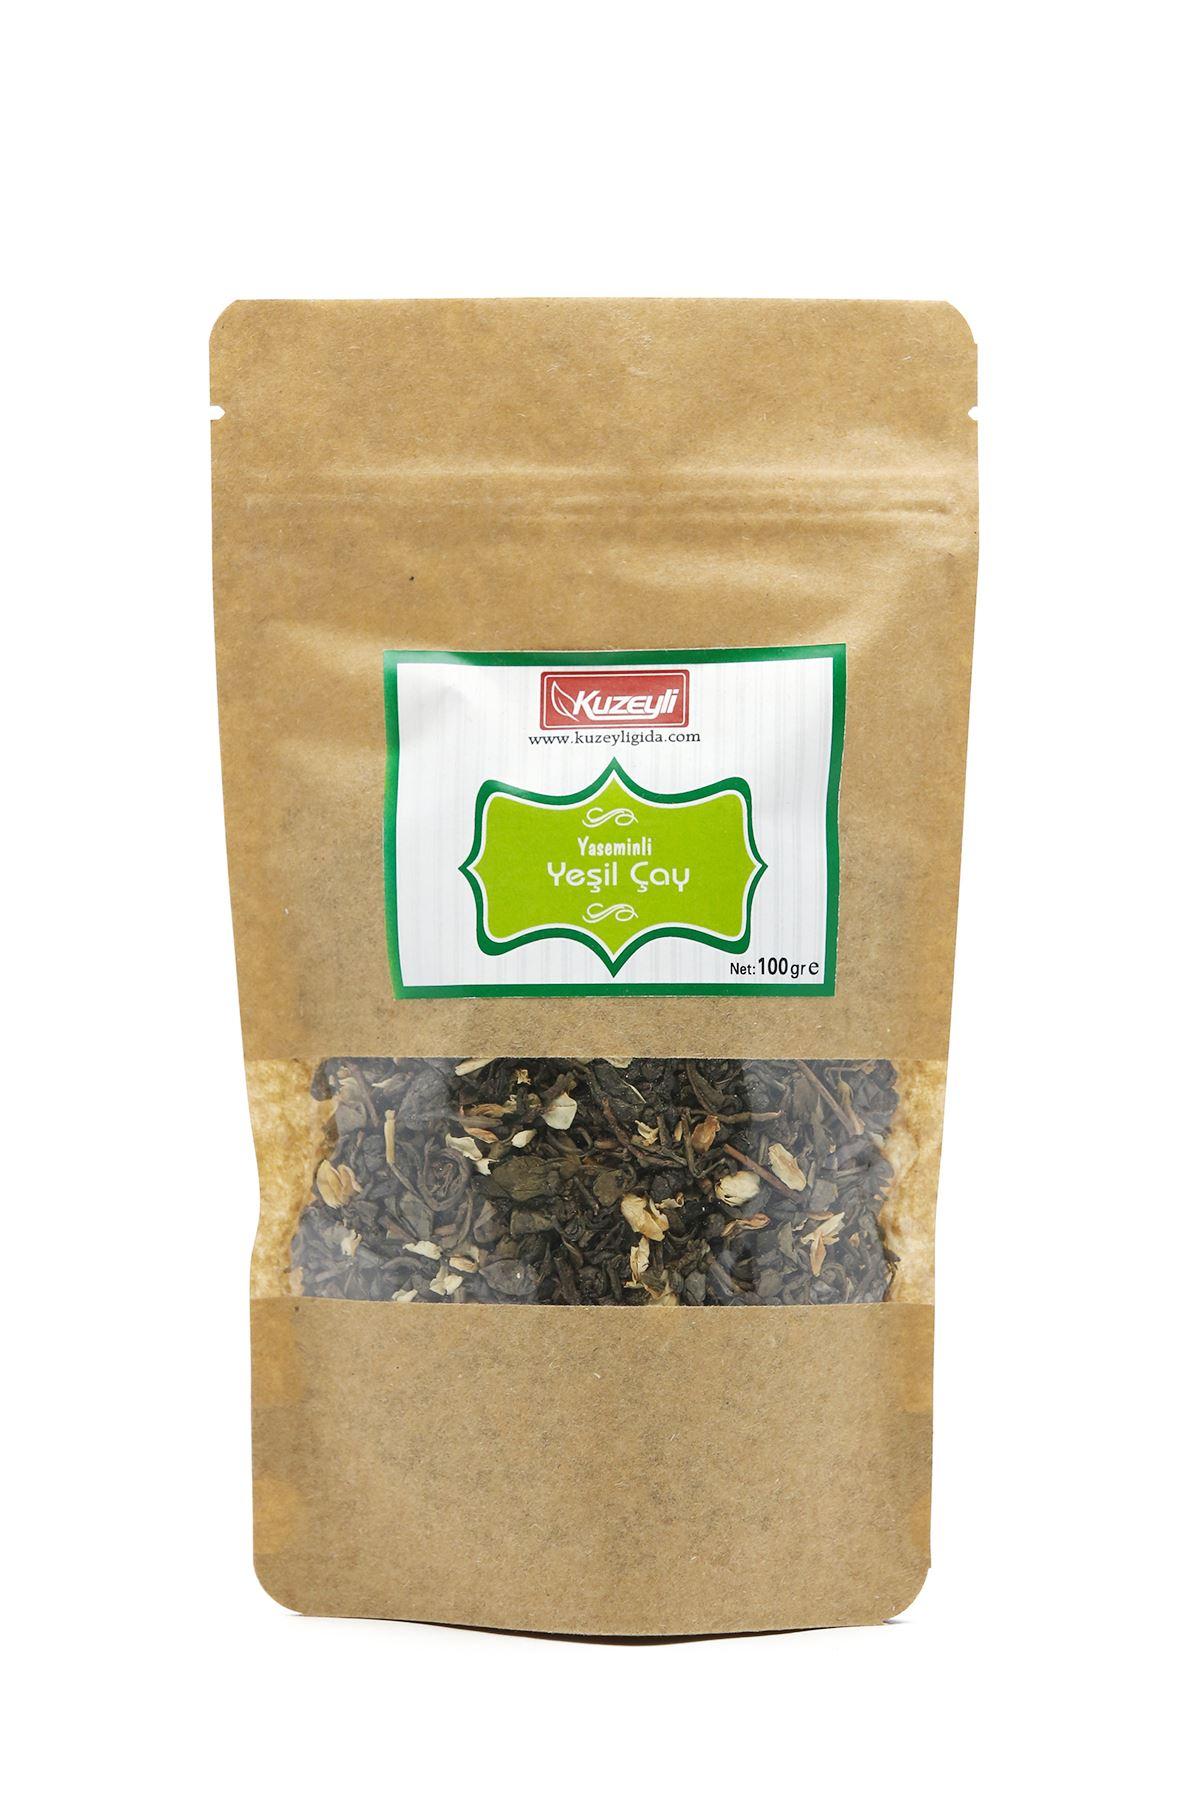 Yaseminli Yeşil Çay 100 gr